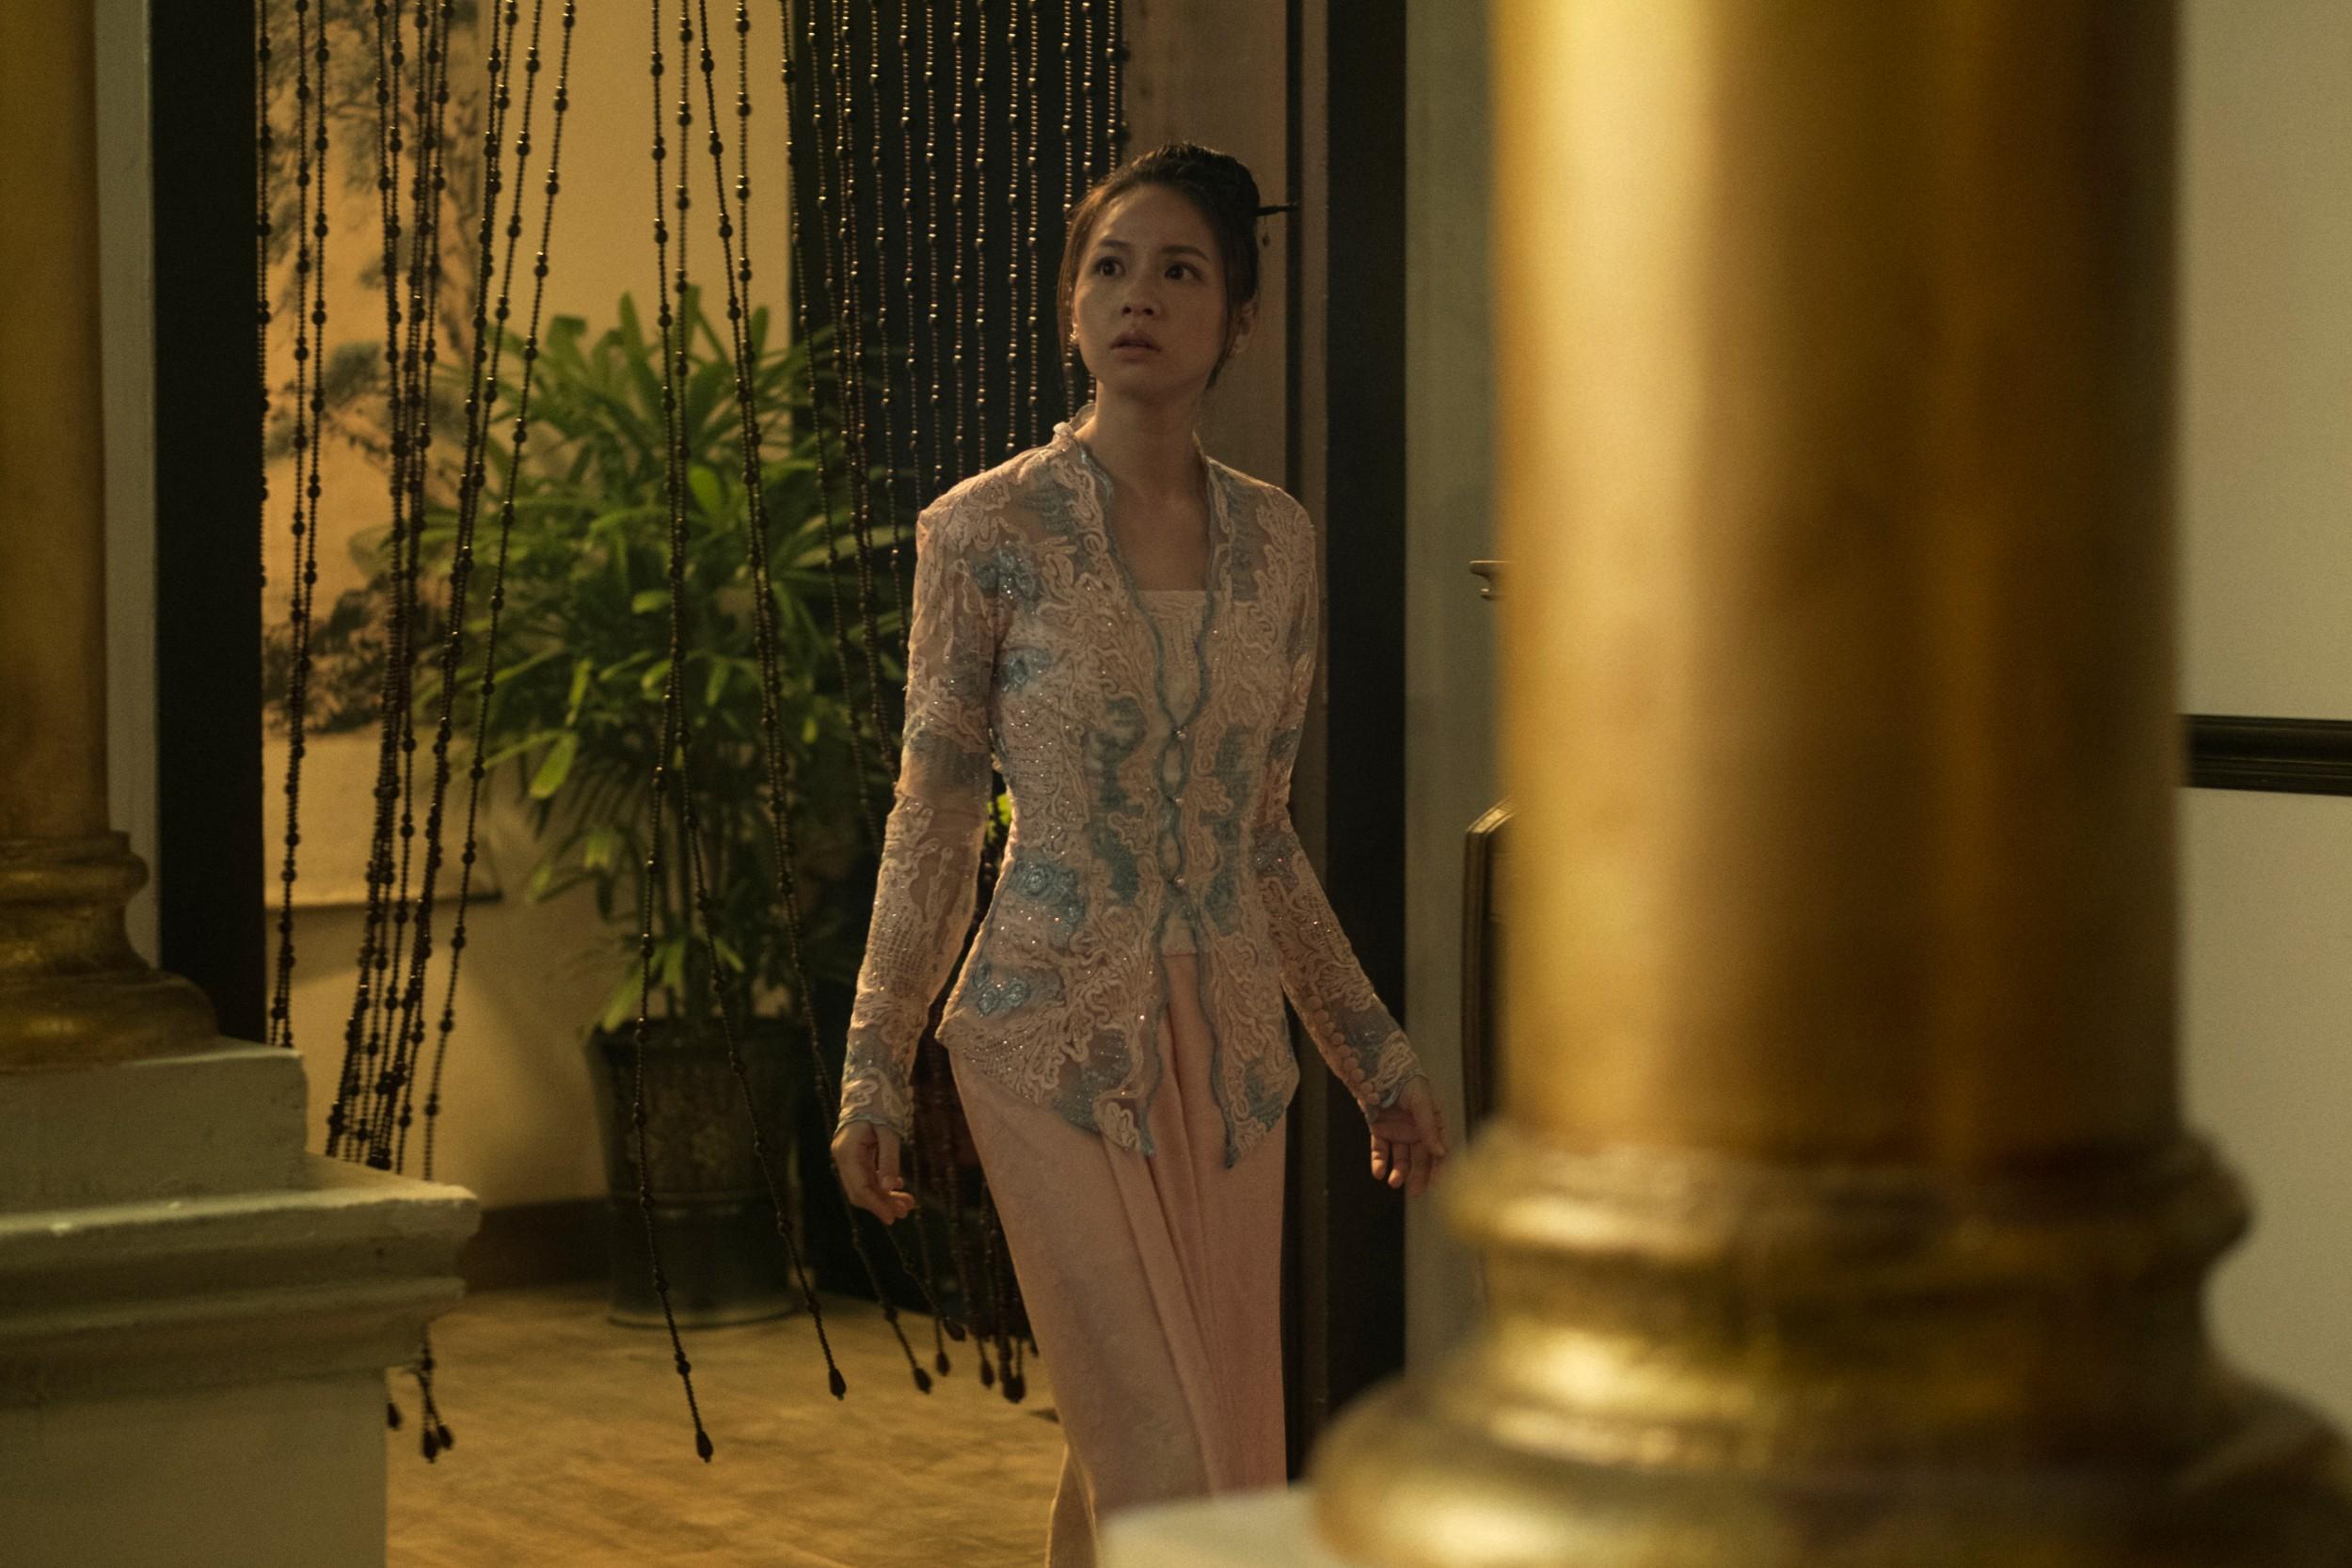 金鐘視后黄姵嘉在新劇《彼岸之嫁》大玩穿越情節,回到1890年代的馬六甲